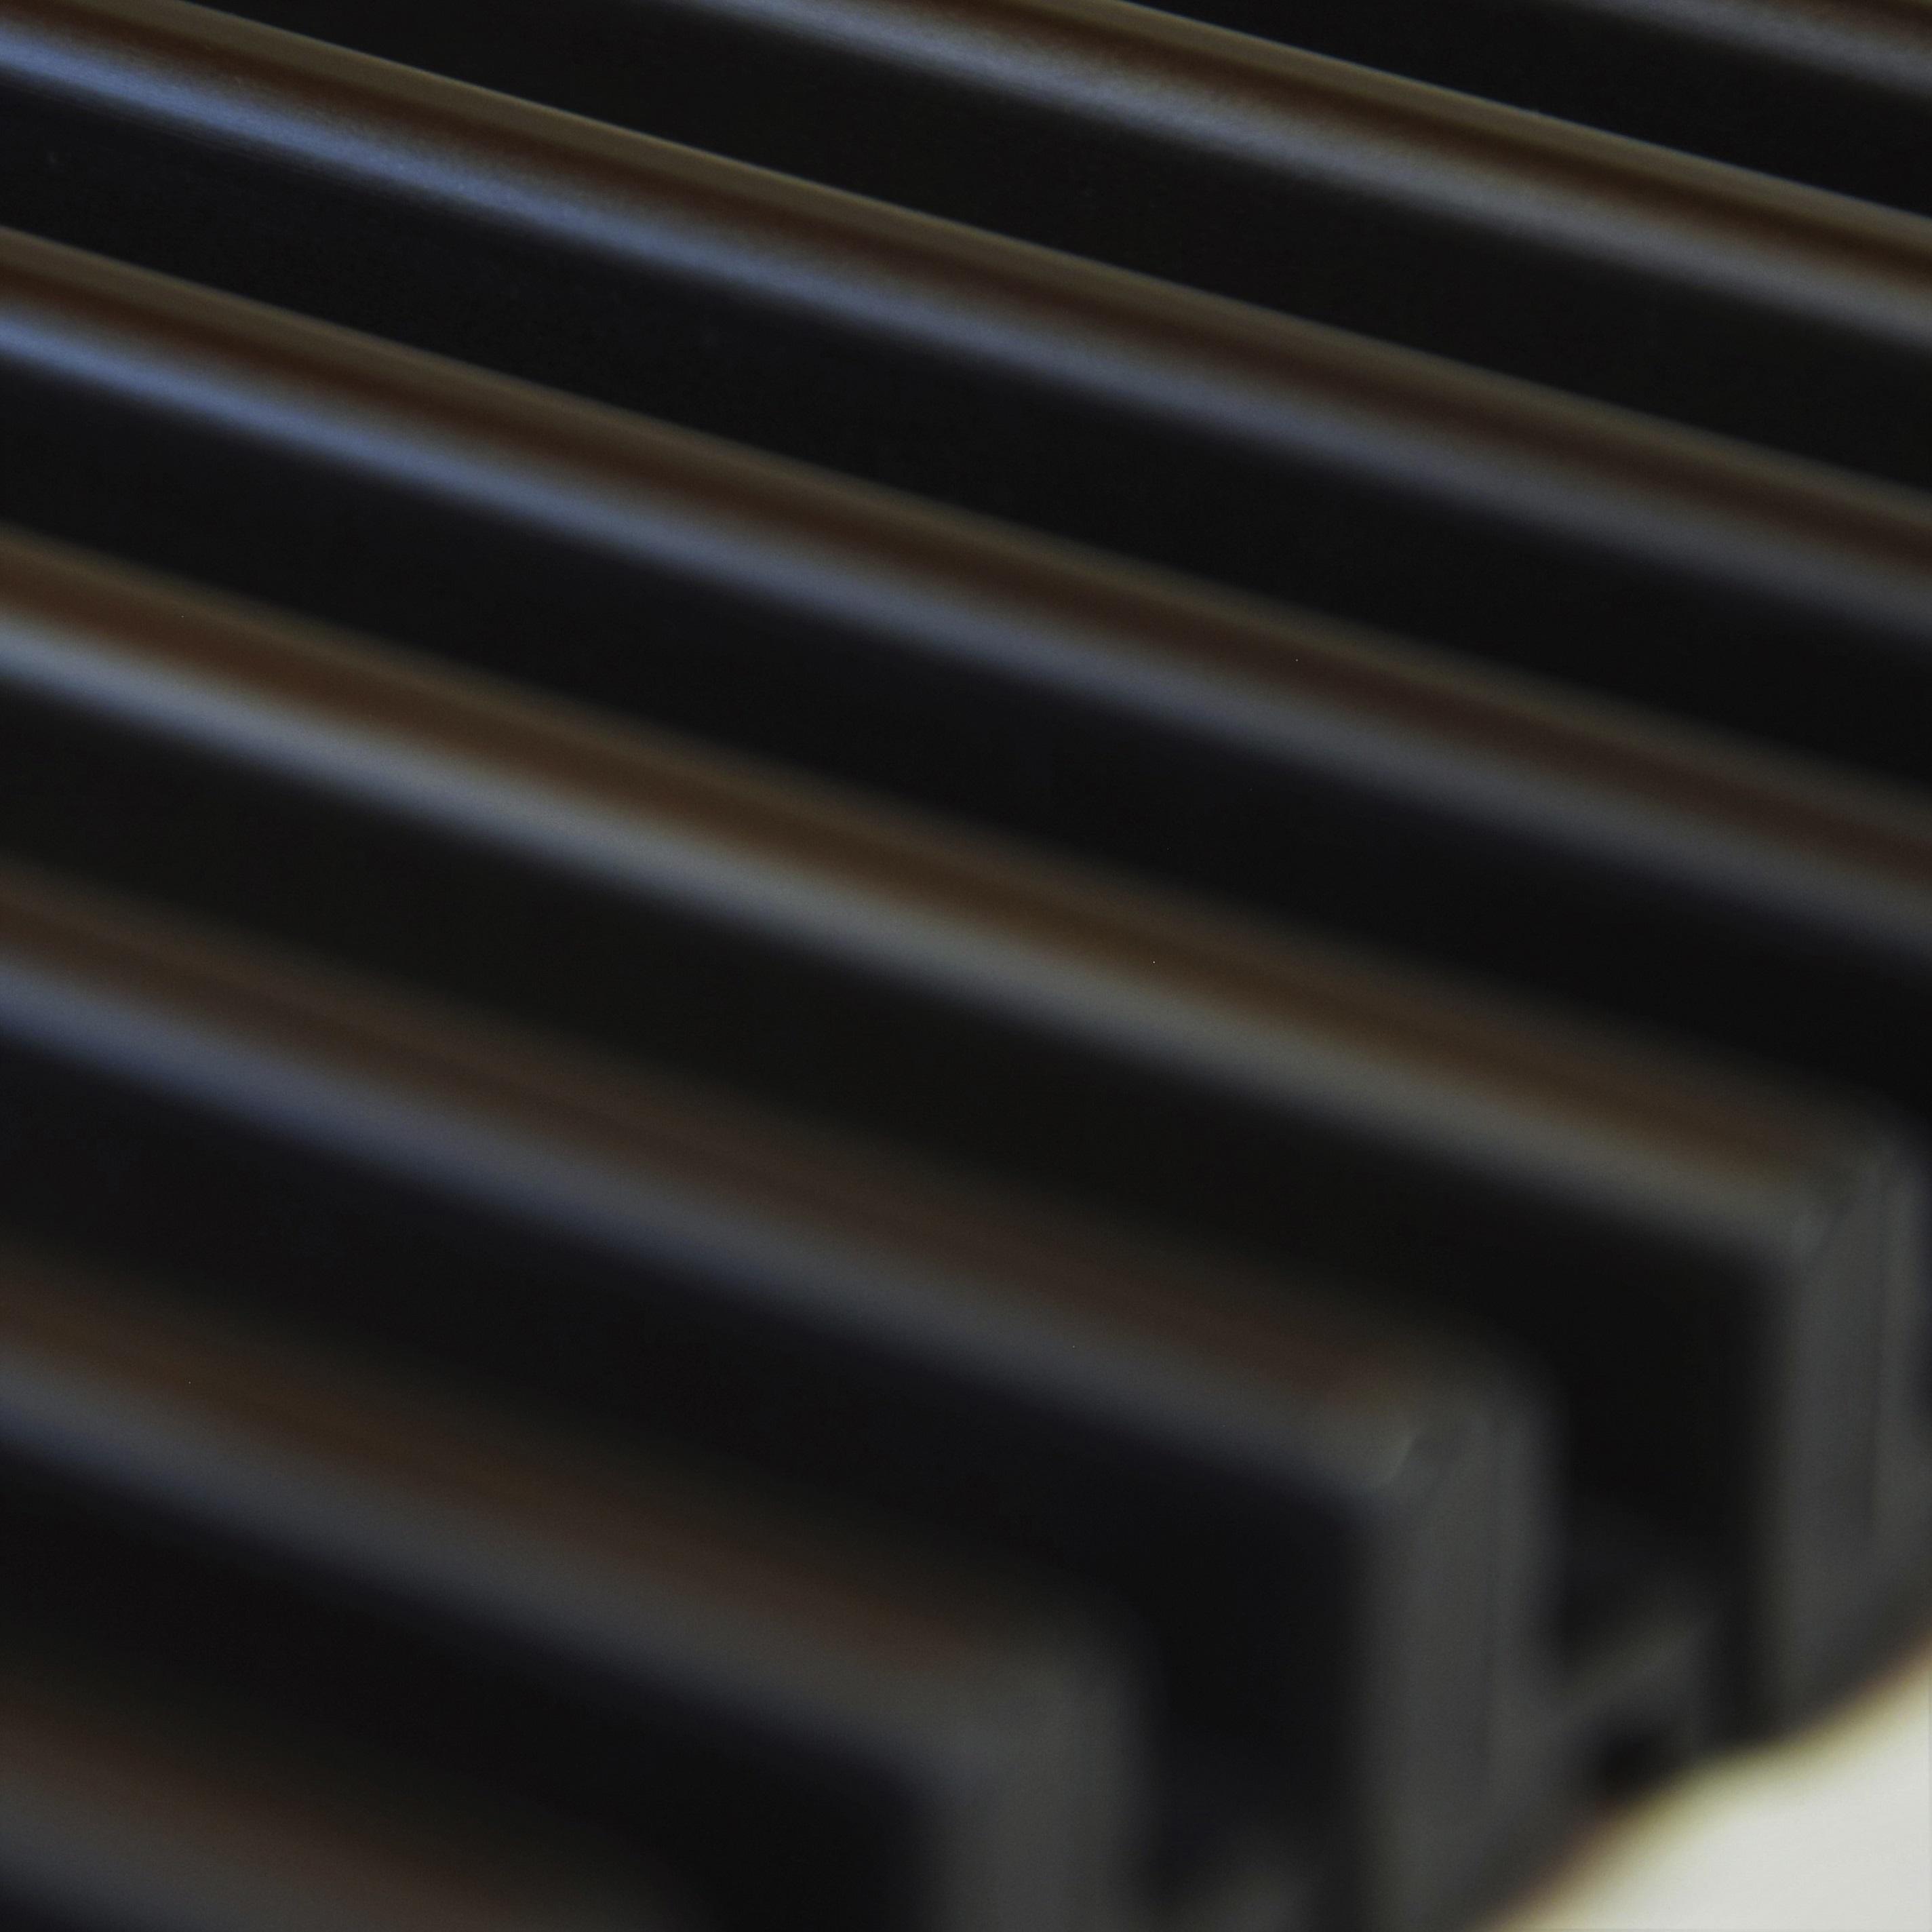 Купить Декоративная решетка Mohlenhoff коньяк, шириной 260 мм 1 пог. м Россия